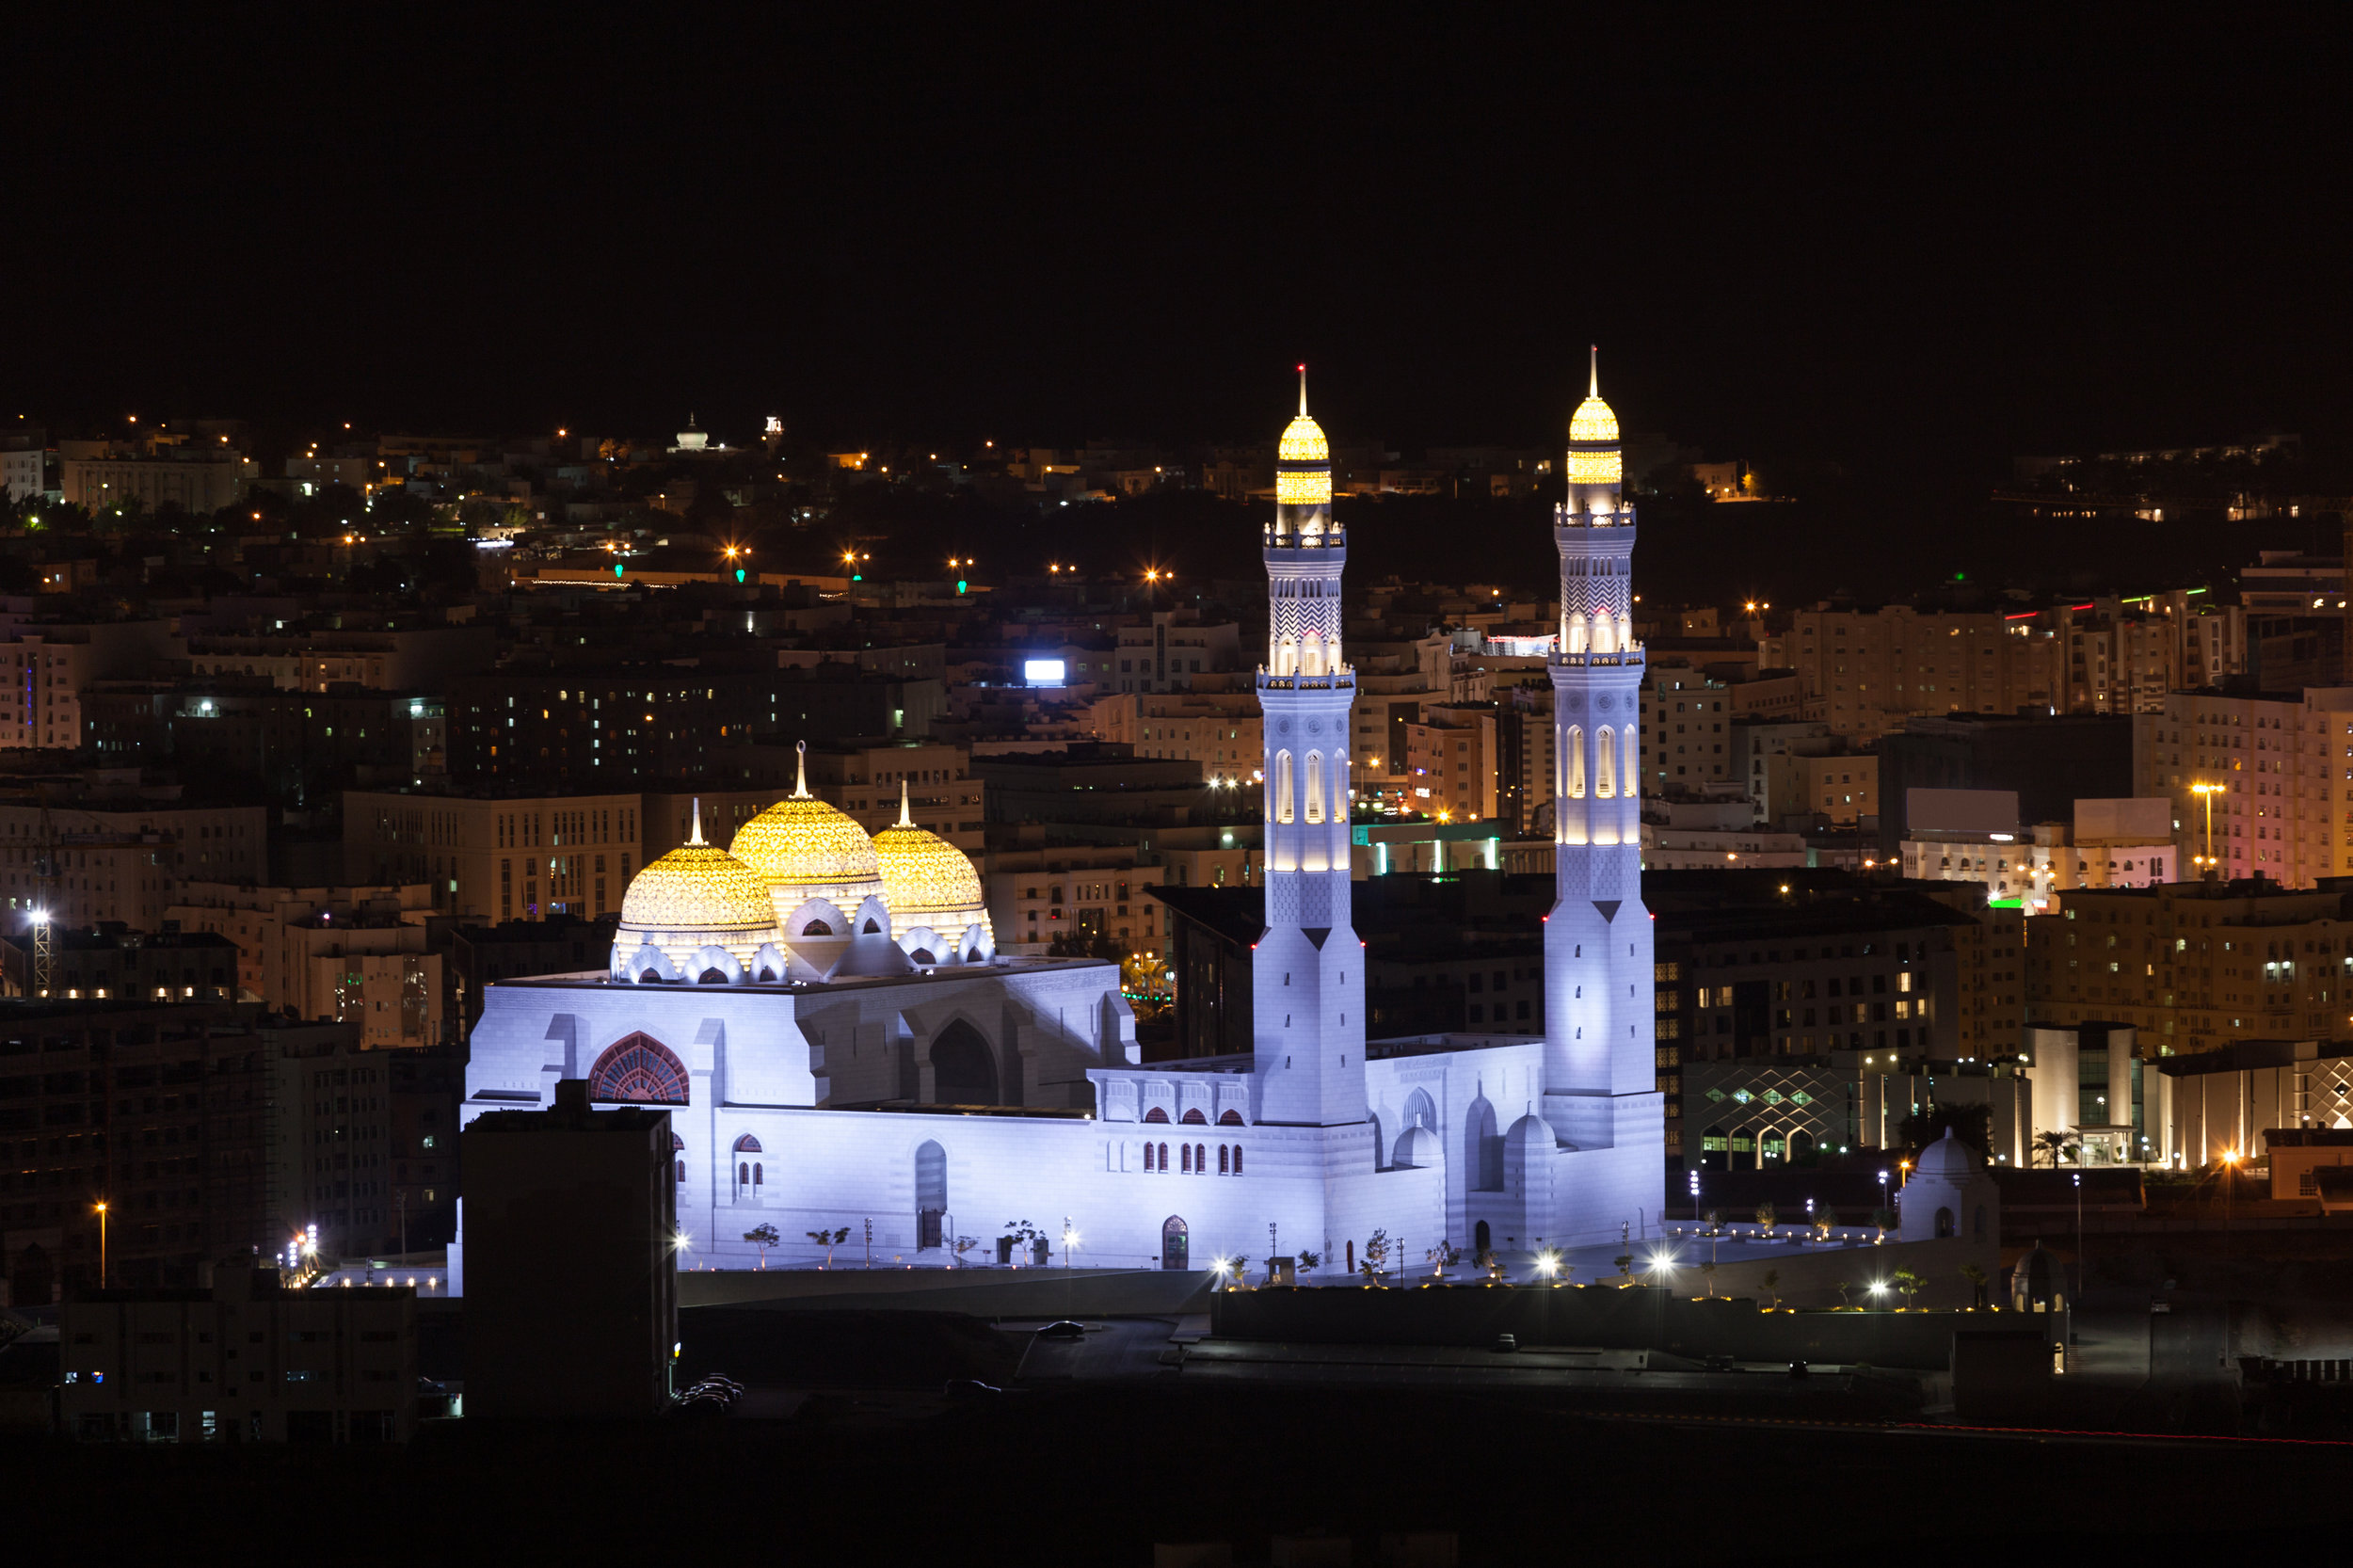 Oman på første klasse. Fra autentisk enkelhet til luksus - en eventyrreise til Omans natur- og kulturskatter.